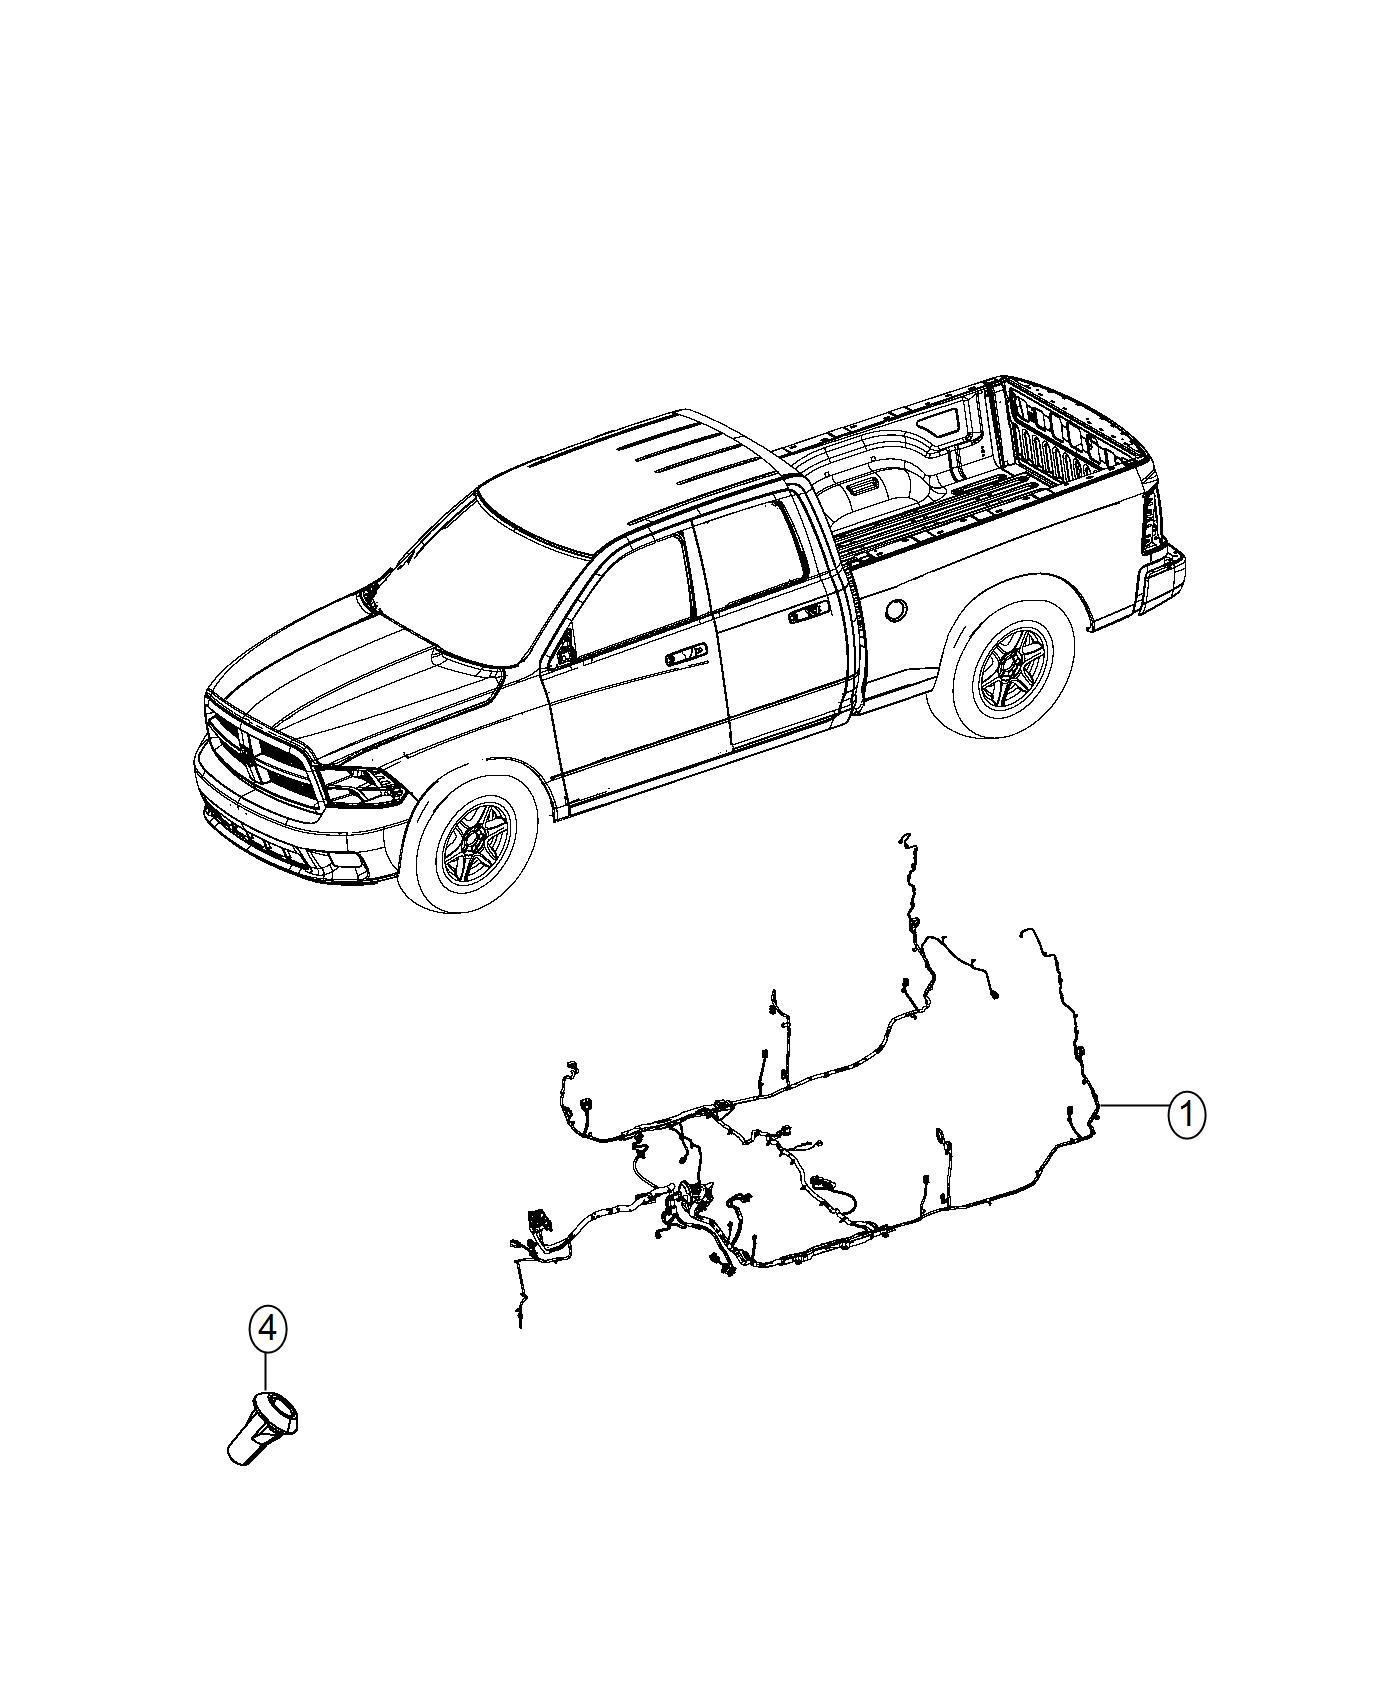 Ram 3500 Wiring. Body. [rear window defroster], [power